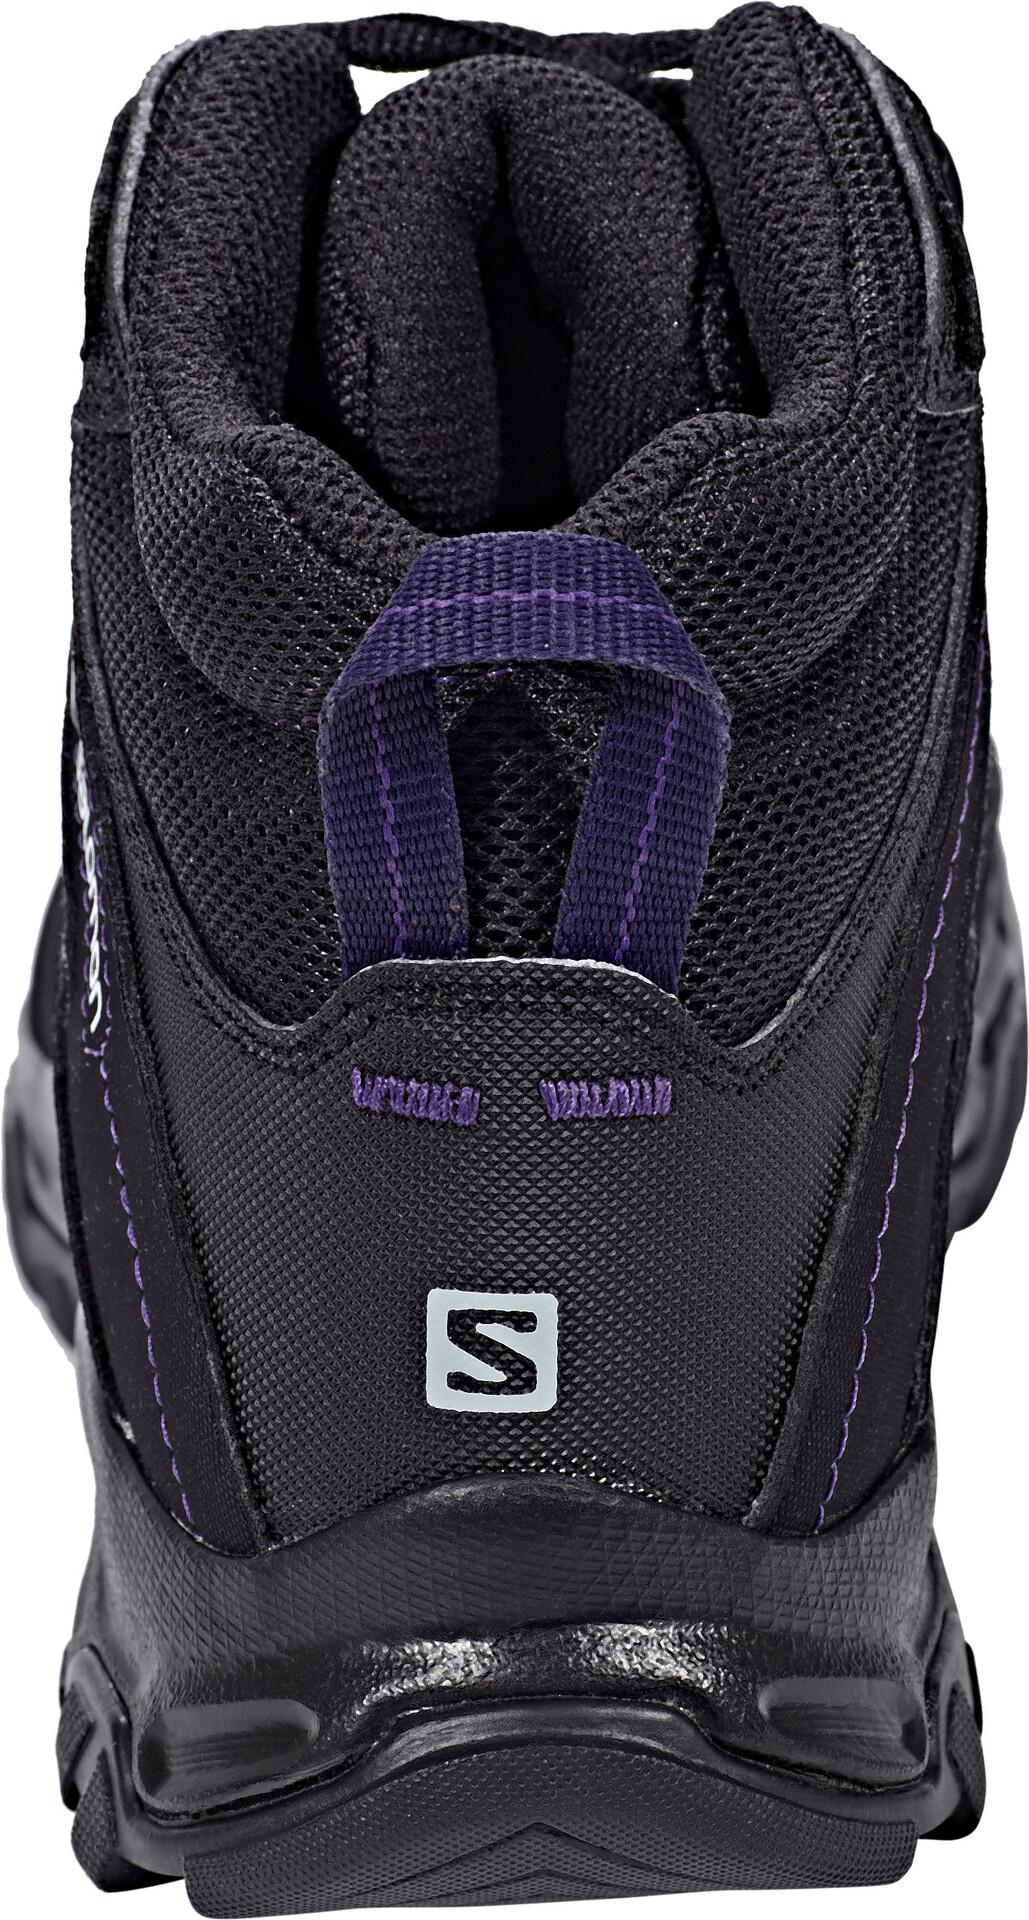 Sur Femme Gtx Campz Chaussures Meadow Grisnoir Salomon wXqnW4PAX